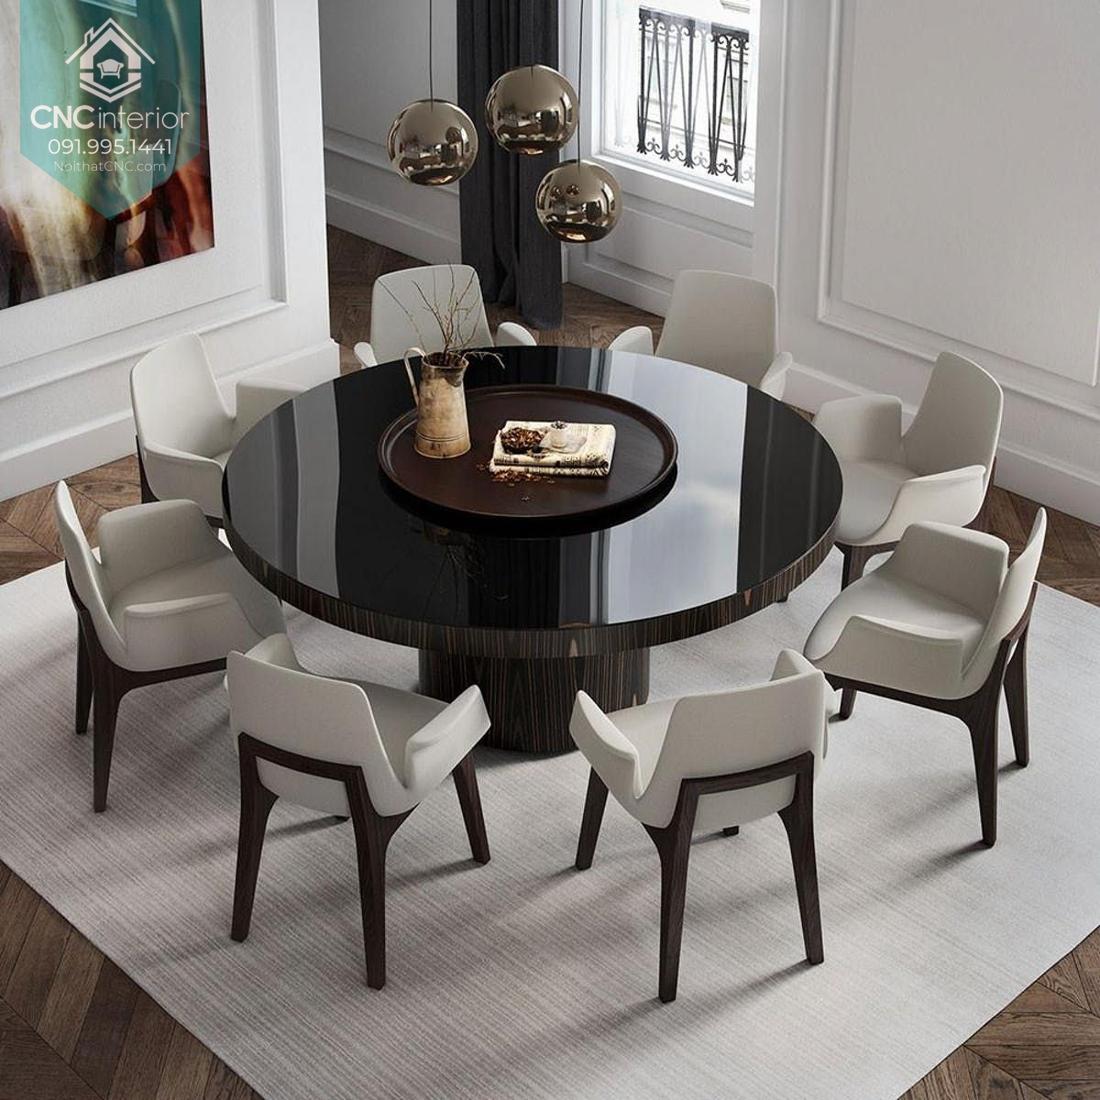 Kích thước bàn ăn tròn 10 người 2